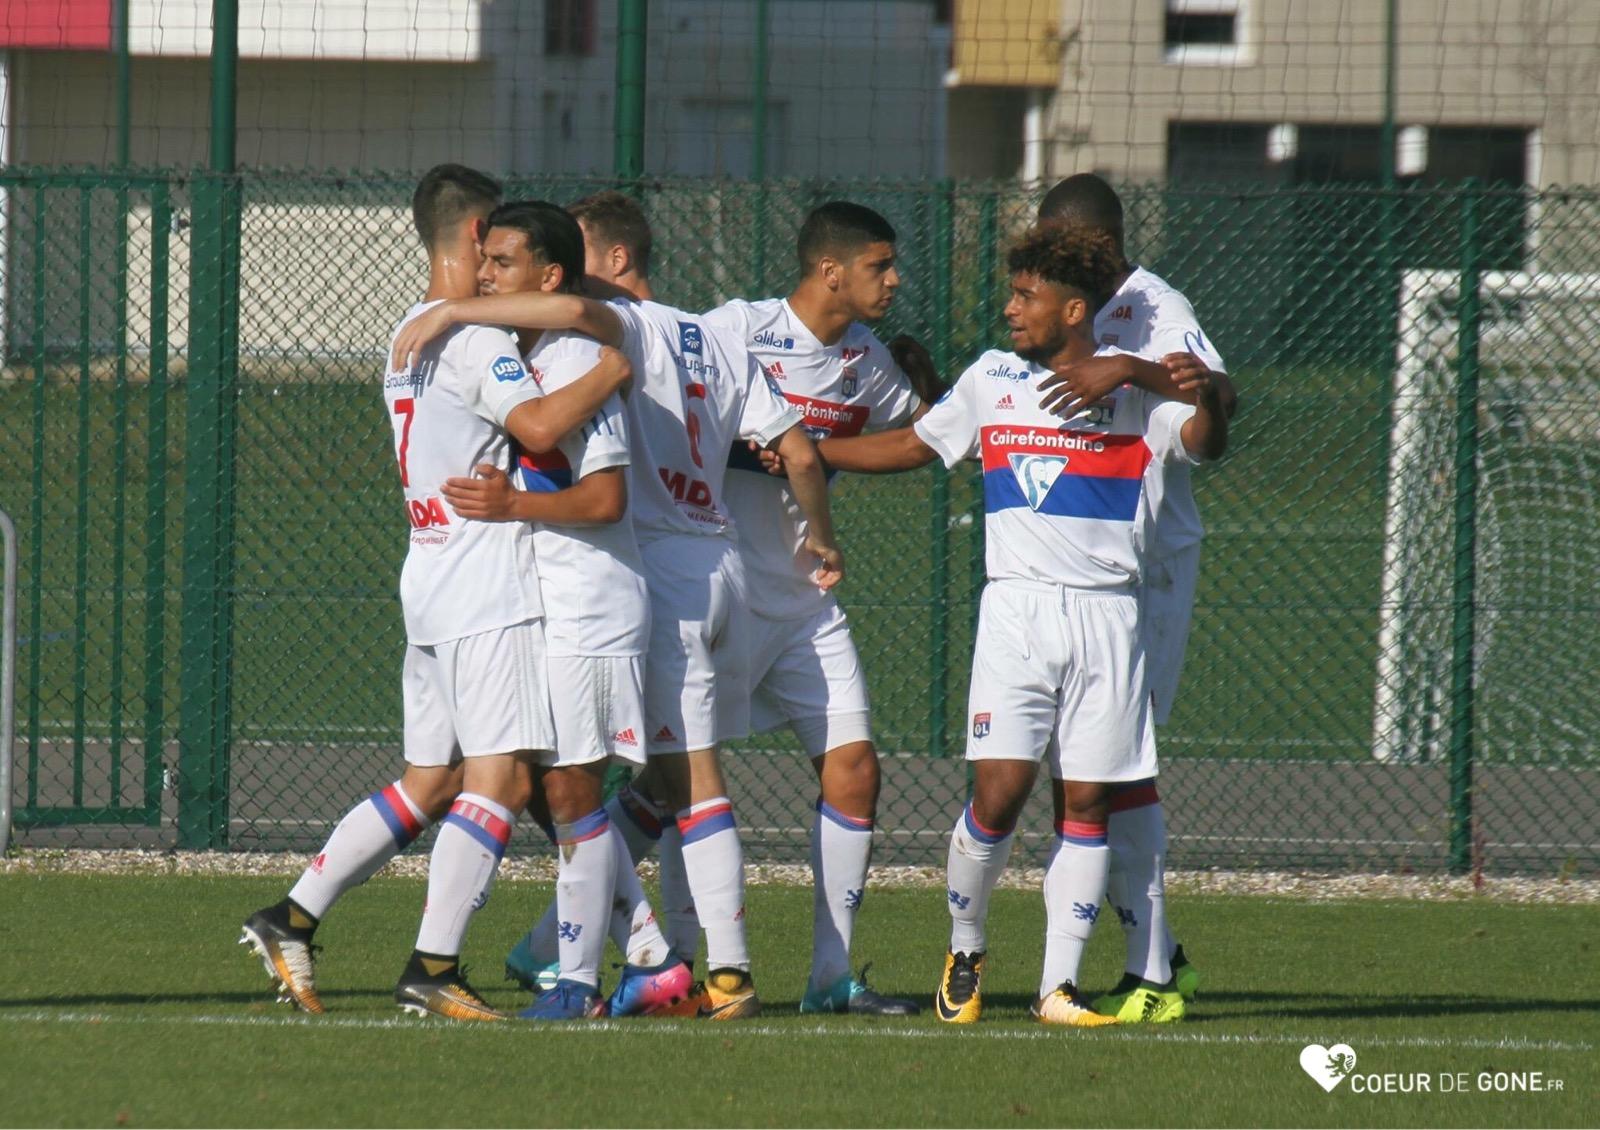 [Photos] Belle victoire des U19 face à Reims (3-0)